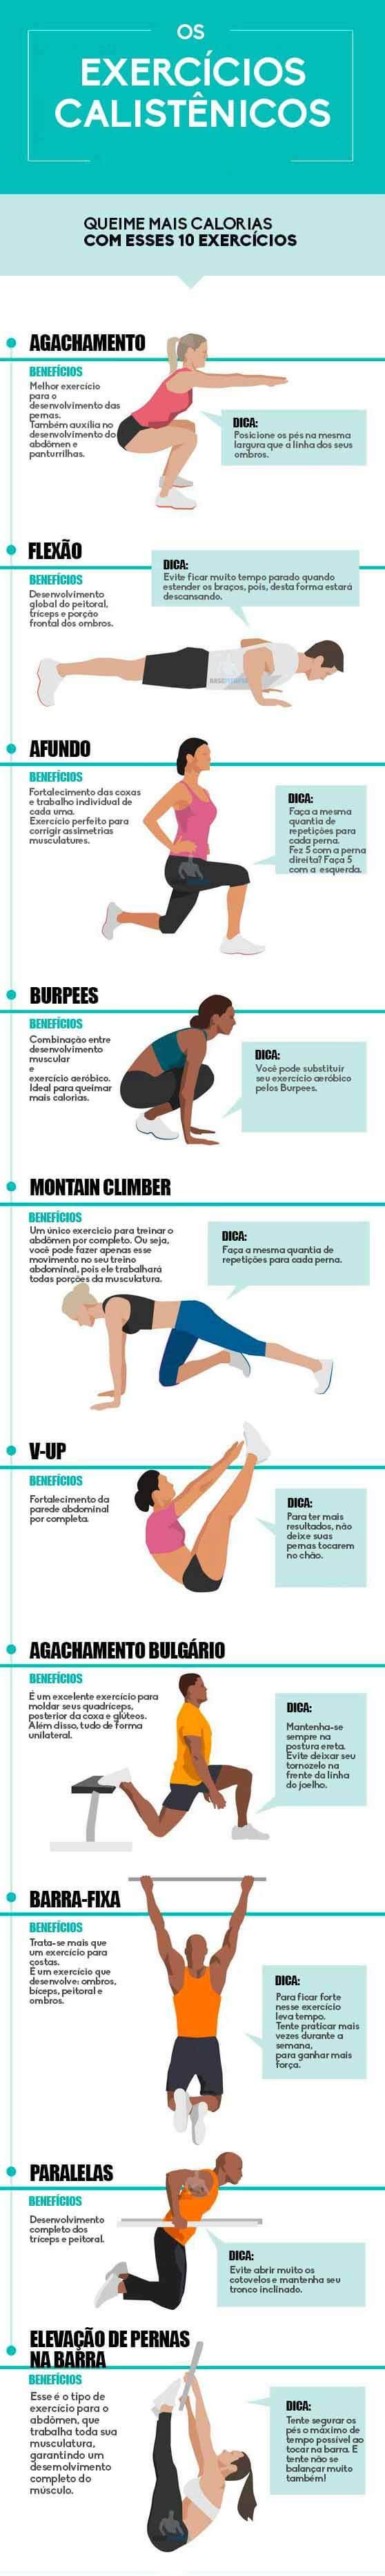 infográfico melhores exercícios calistenia